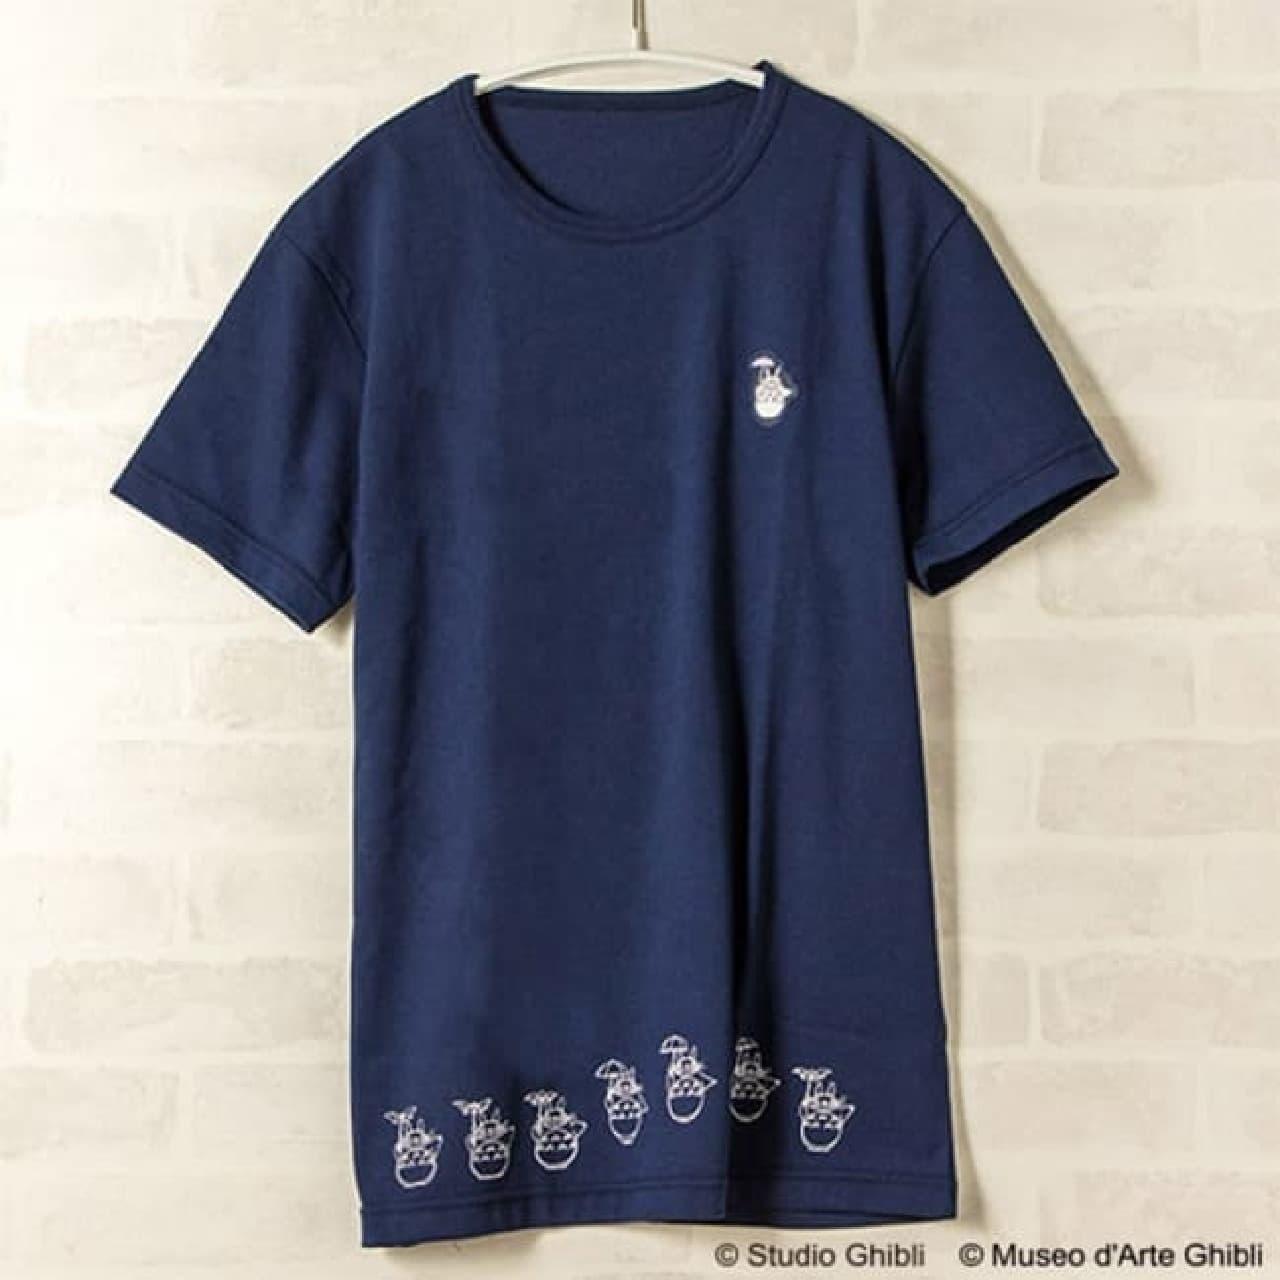 三鷹の森ジブリ美術館限定の5商品が「どんぐり共和国」オンラインに -- トトロのTシャツやネコバスの傘など